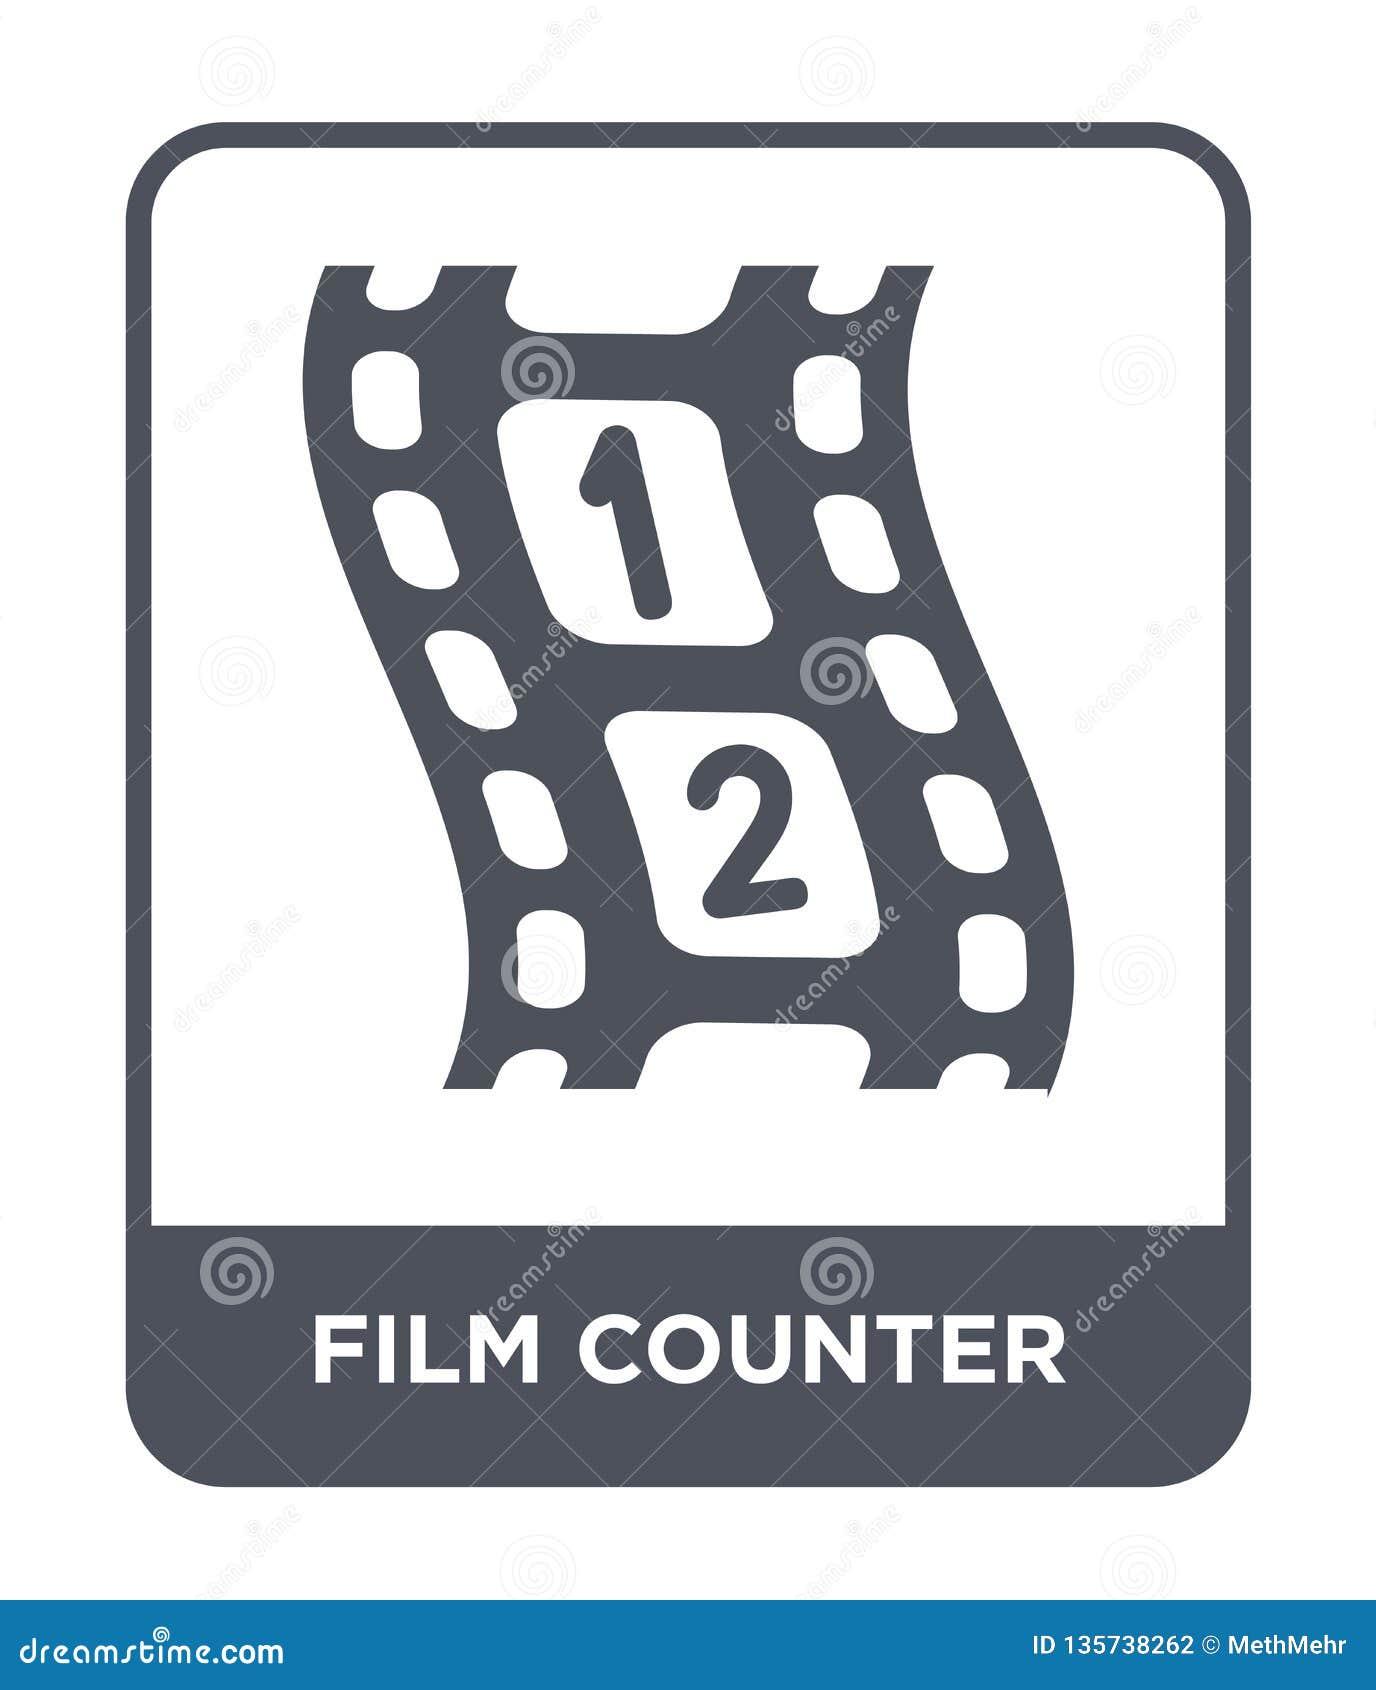 αντίθετο εικονίδιο ταινιών στο καθιερώνον τη μόδα ύφος σχεδίου αντίθετο εικονίδιο ταινιών που απομονώνεται στο άσπρο υπόβαθρο αντ